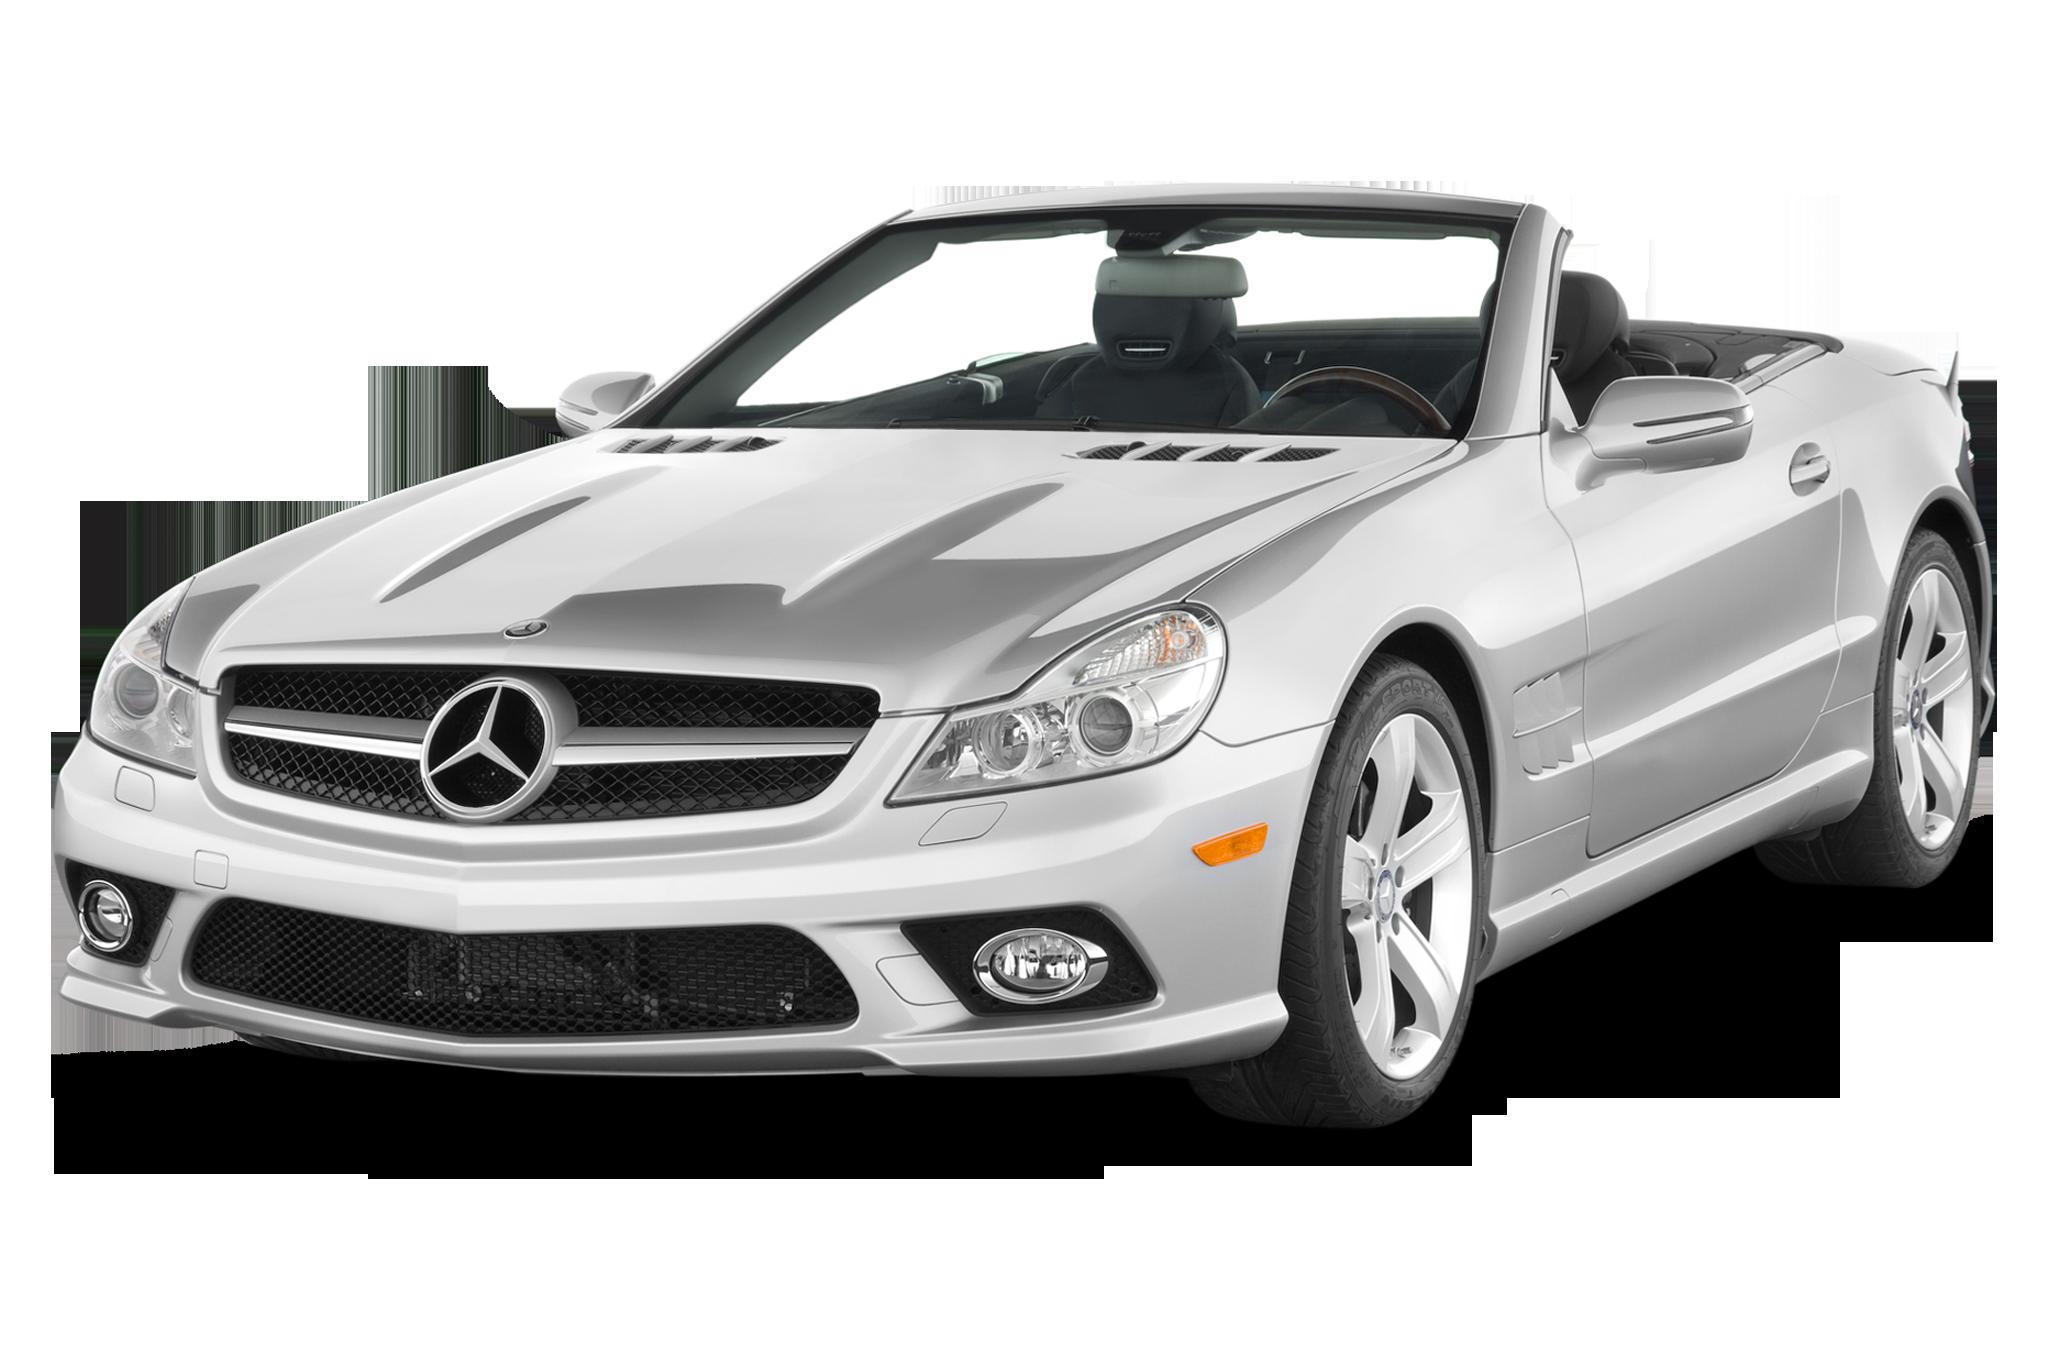 2011 mercedes benz sl550 mercedes benz luxury for Sl550 mercedes benz price